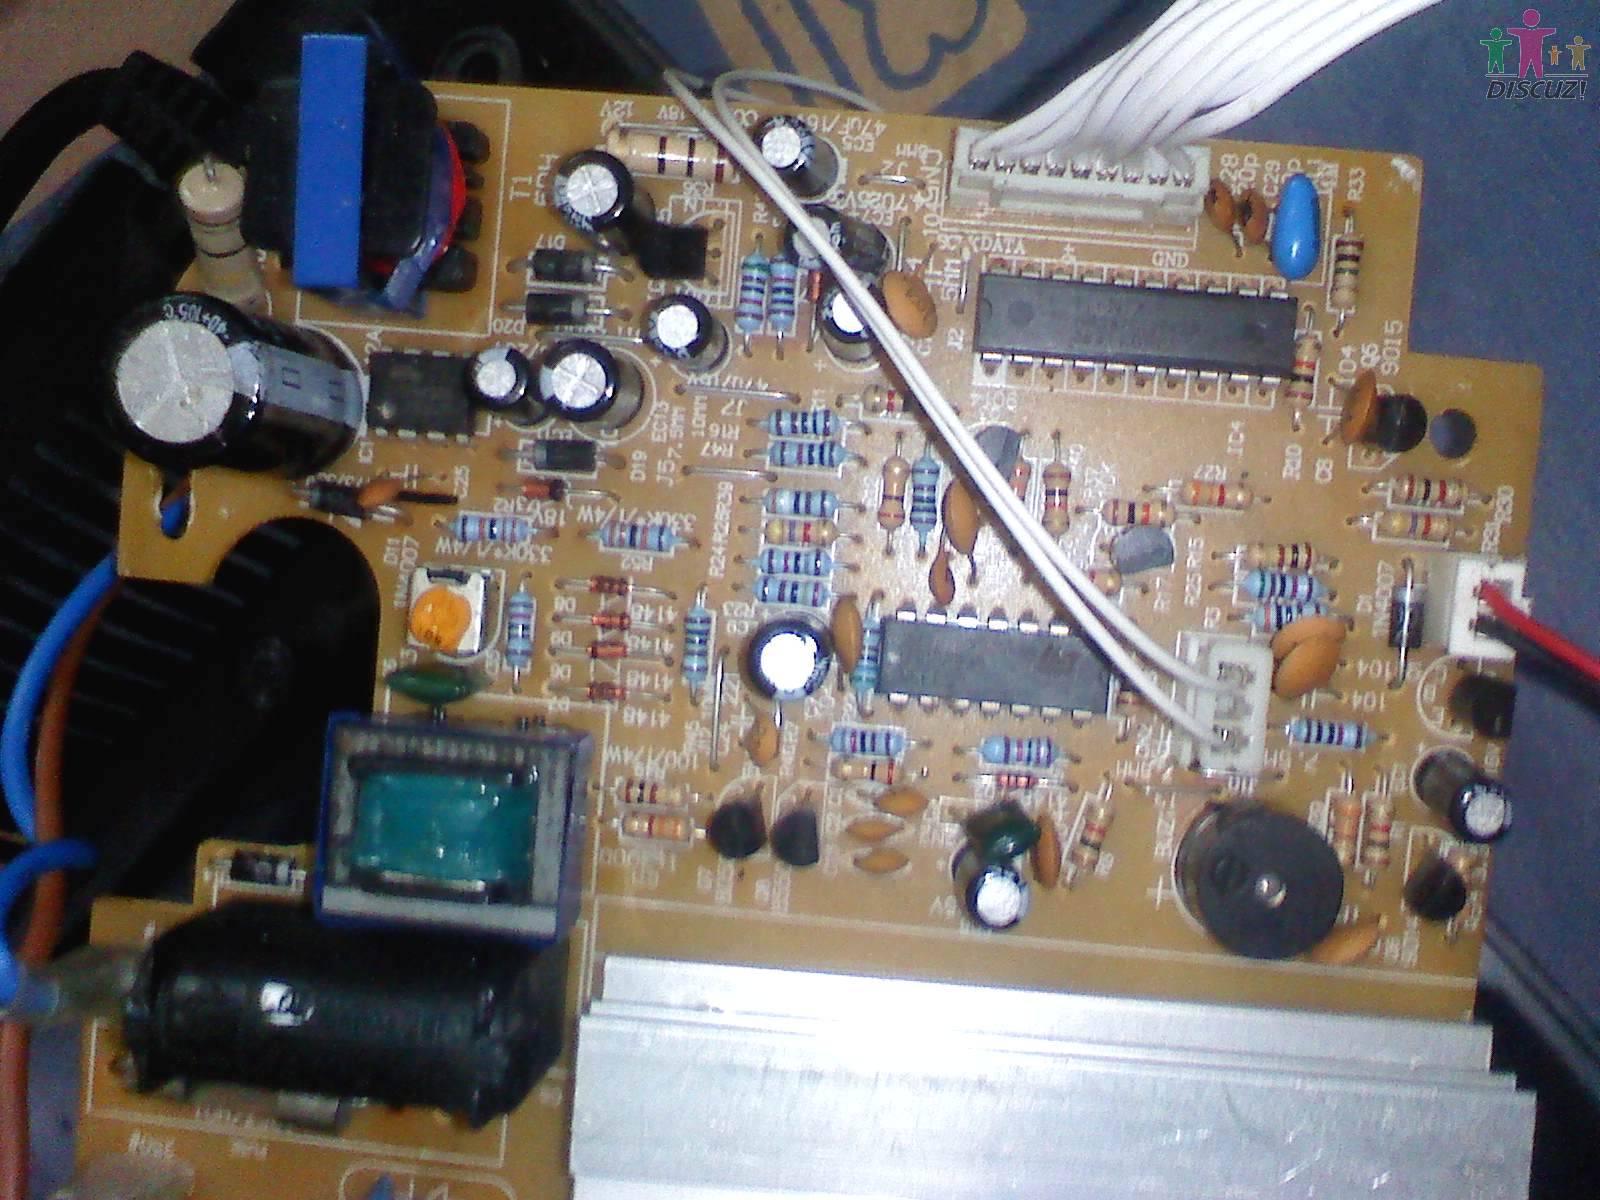 (10.42 KB)  --------------------------------- 本机已修复哎呀妈呀,这真是太高兴了 因为这台机是本地很有名的大师傅修不了而转给我修的,他说:修不了就扔了它吧.最终让我8毛钱成本搞掂了特有成就感刚开始我怀疑个别灯,后来经检查-----否断电拆掉按键,通电试机还是一样故障接着又怀疑有电阻变值、IGBT性能不良、桥堆性能不好.